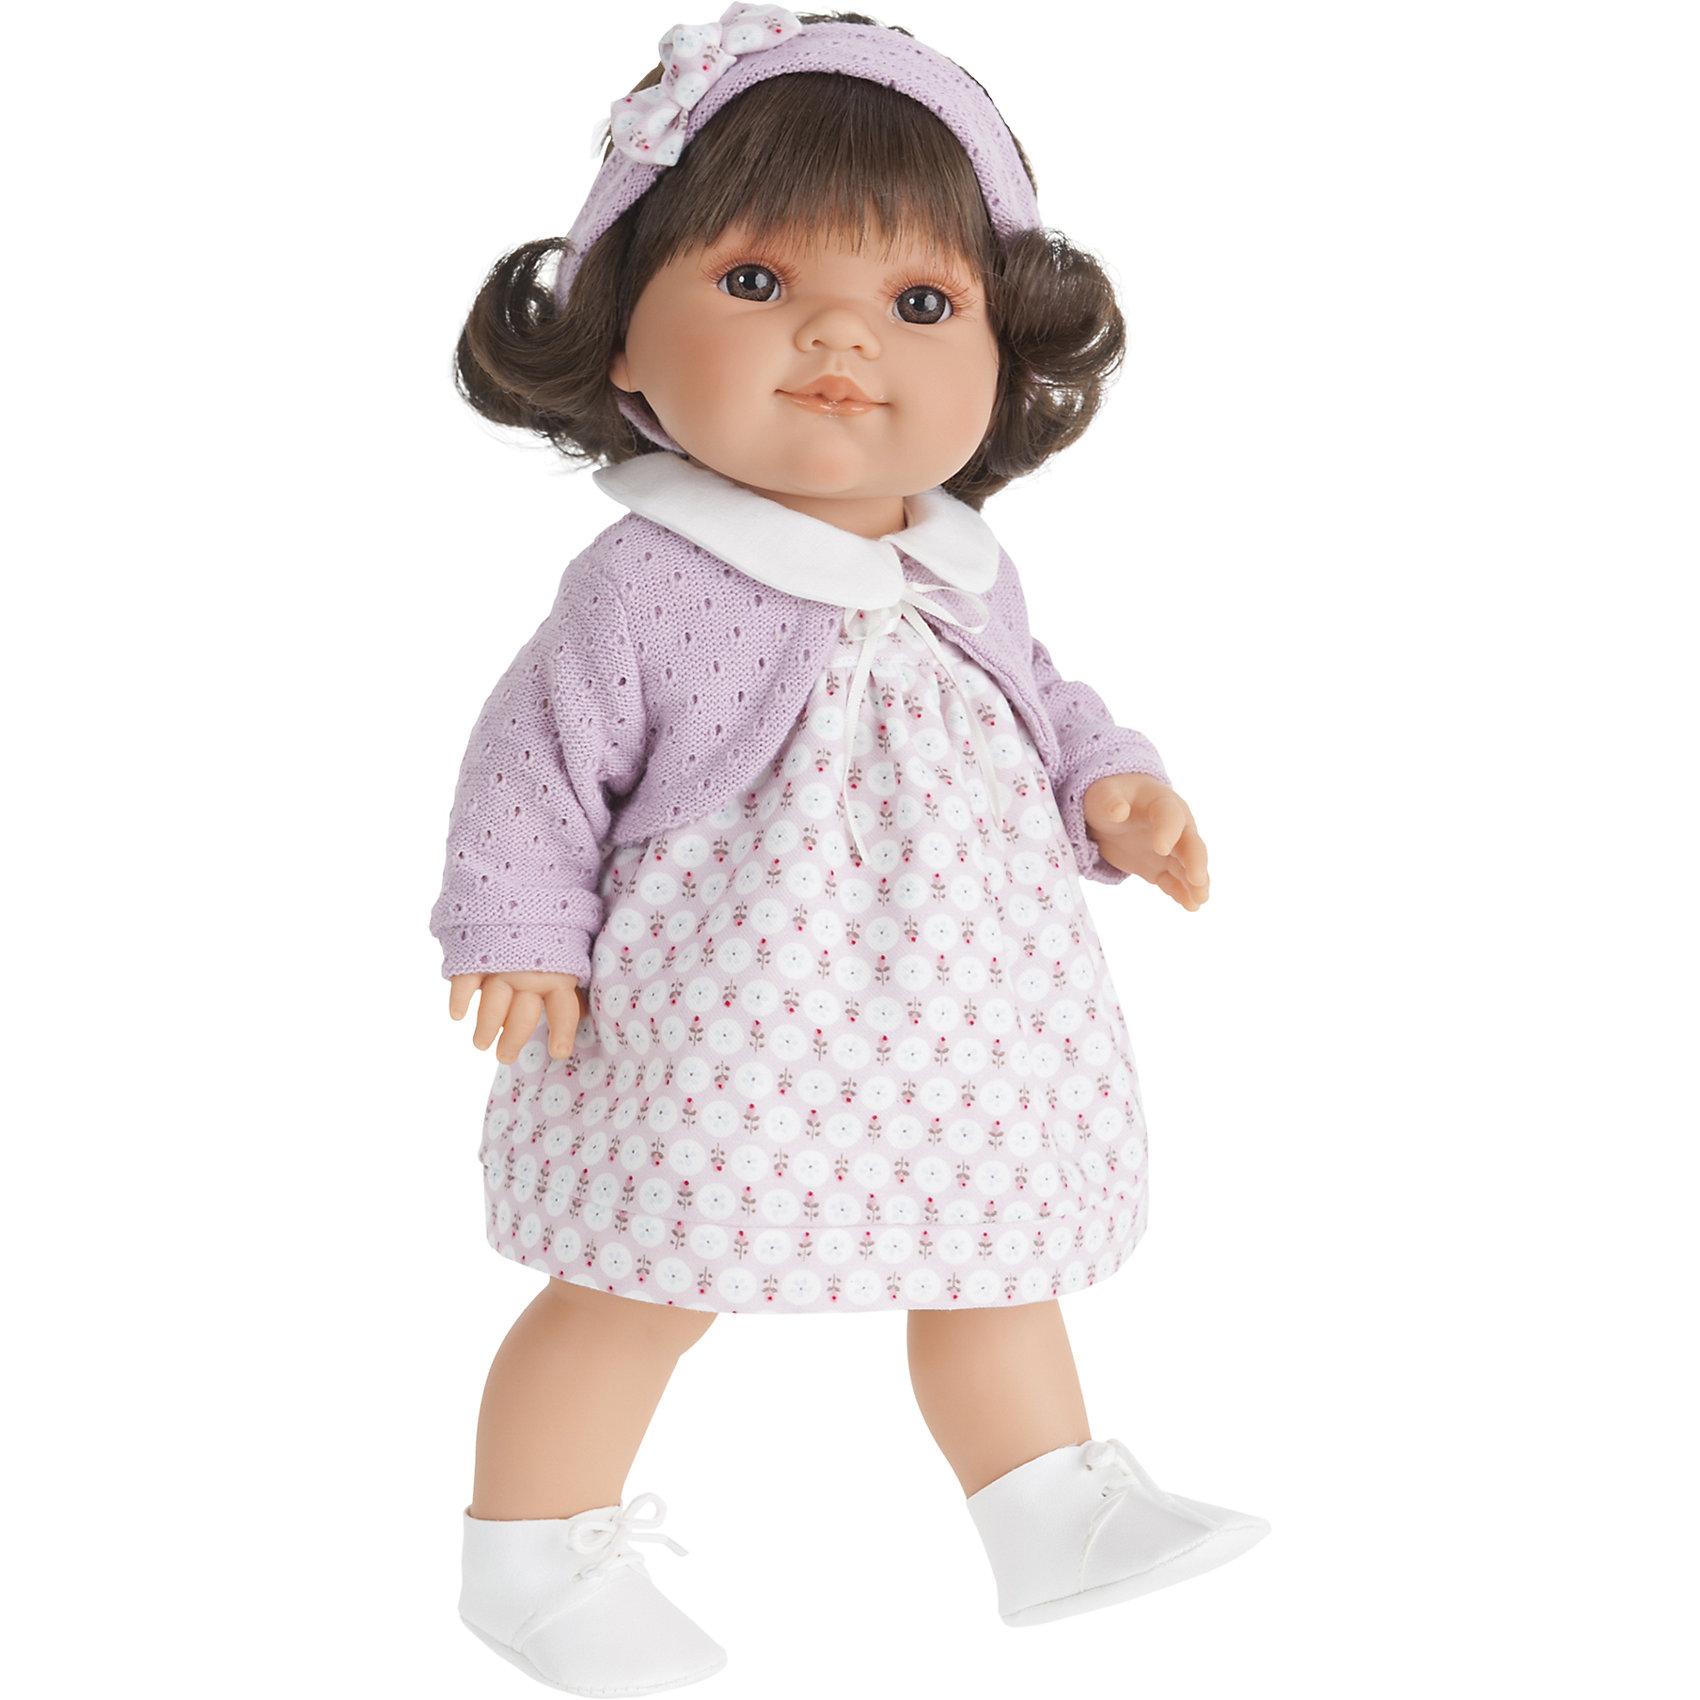 Кукла Сальма, 38 см, Munecas Antonio JuanКукла Сальма, 38 см, Munecas Antonio Juan (Мунекас Антонио Хуан) – это высококачественные куклы из Испании, популярные во всем мире.<br>Кукла Сальма выглядит совсем как ребенок. Ее карие глаза с пушистыми ресницами и приятная улыбка не оставят вас равнодушными. Вздернутый носик и пухленькие губки добавляют лицу особую выразительность и натуральность. Каштановые волосы Сальмы выглядят как настоящие, их можно расчесывать и заплетать в разнообразные прически. Сальма выполнена с поразительной детализацией, вплоть до ноготочков и складочек на теле. Тело куклы полностью виниловое, ее можно купать. Руки, ноги и голова подвижны. Глаза не закрываются. Сальма одета в красивое цветастое платье, светло-фиолетовое болеро и белые ботиночки на шнурках. На голове - повязка с бантиком. Образы малышей Мунекас разработаны известными европейскими дизайнерами. Они натуралистичны, анатомически точны, копируют настоящих младенцев. Изготовлены из высококачественных материалов не вызывающих аллергических реакций.<br><br>Дополнительная информация:<br><br>- Высота куклы: 38 см.<br>- Материал: текстиль, высококачественный винил<br>- Упаковка: подарочная коробка<br>- Размер упаковки: 24,5х12х44 см.<br>- Вес: 1083 гр.<br><br>Куклу Сальма, 38 см, Munecas Antonio Juan (Мунекас Антонио Хуан) можно купить в нашем интернет-магазине.<br><br>Ширина мм: 245<br>Глубина мм: 120<br>Высота мм: 440<br>Вес г: 1083<br>Возраст от месяцев: 36<br>Возраст до месяцев: 84<br>Пол: Женский<br>Возраст: Детский<br>SKU: 4347293